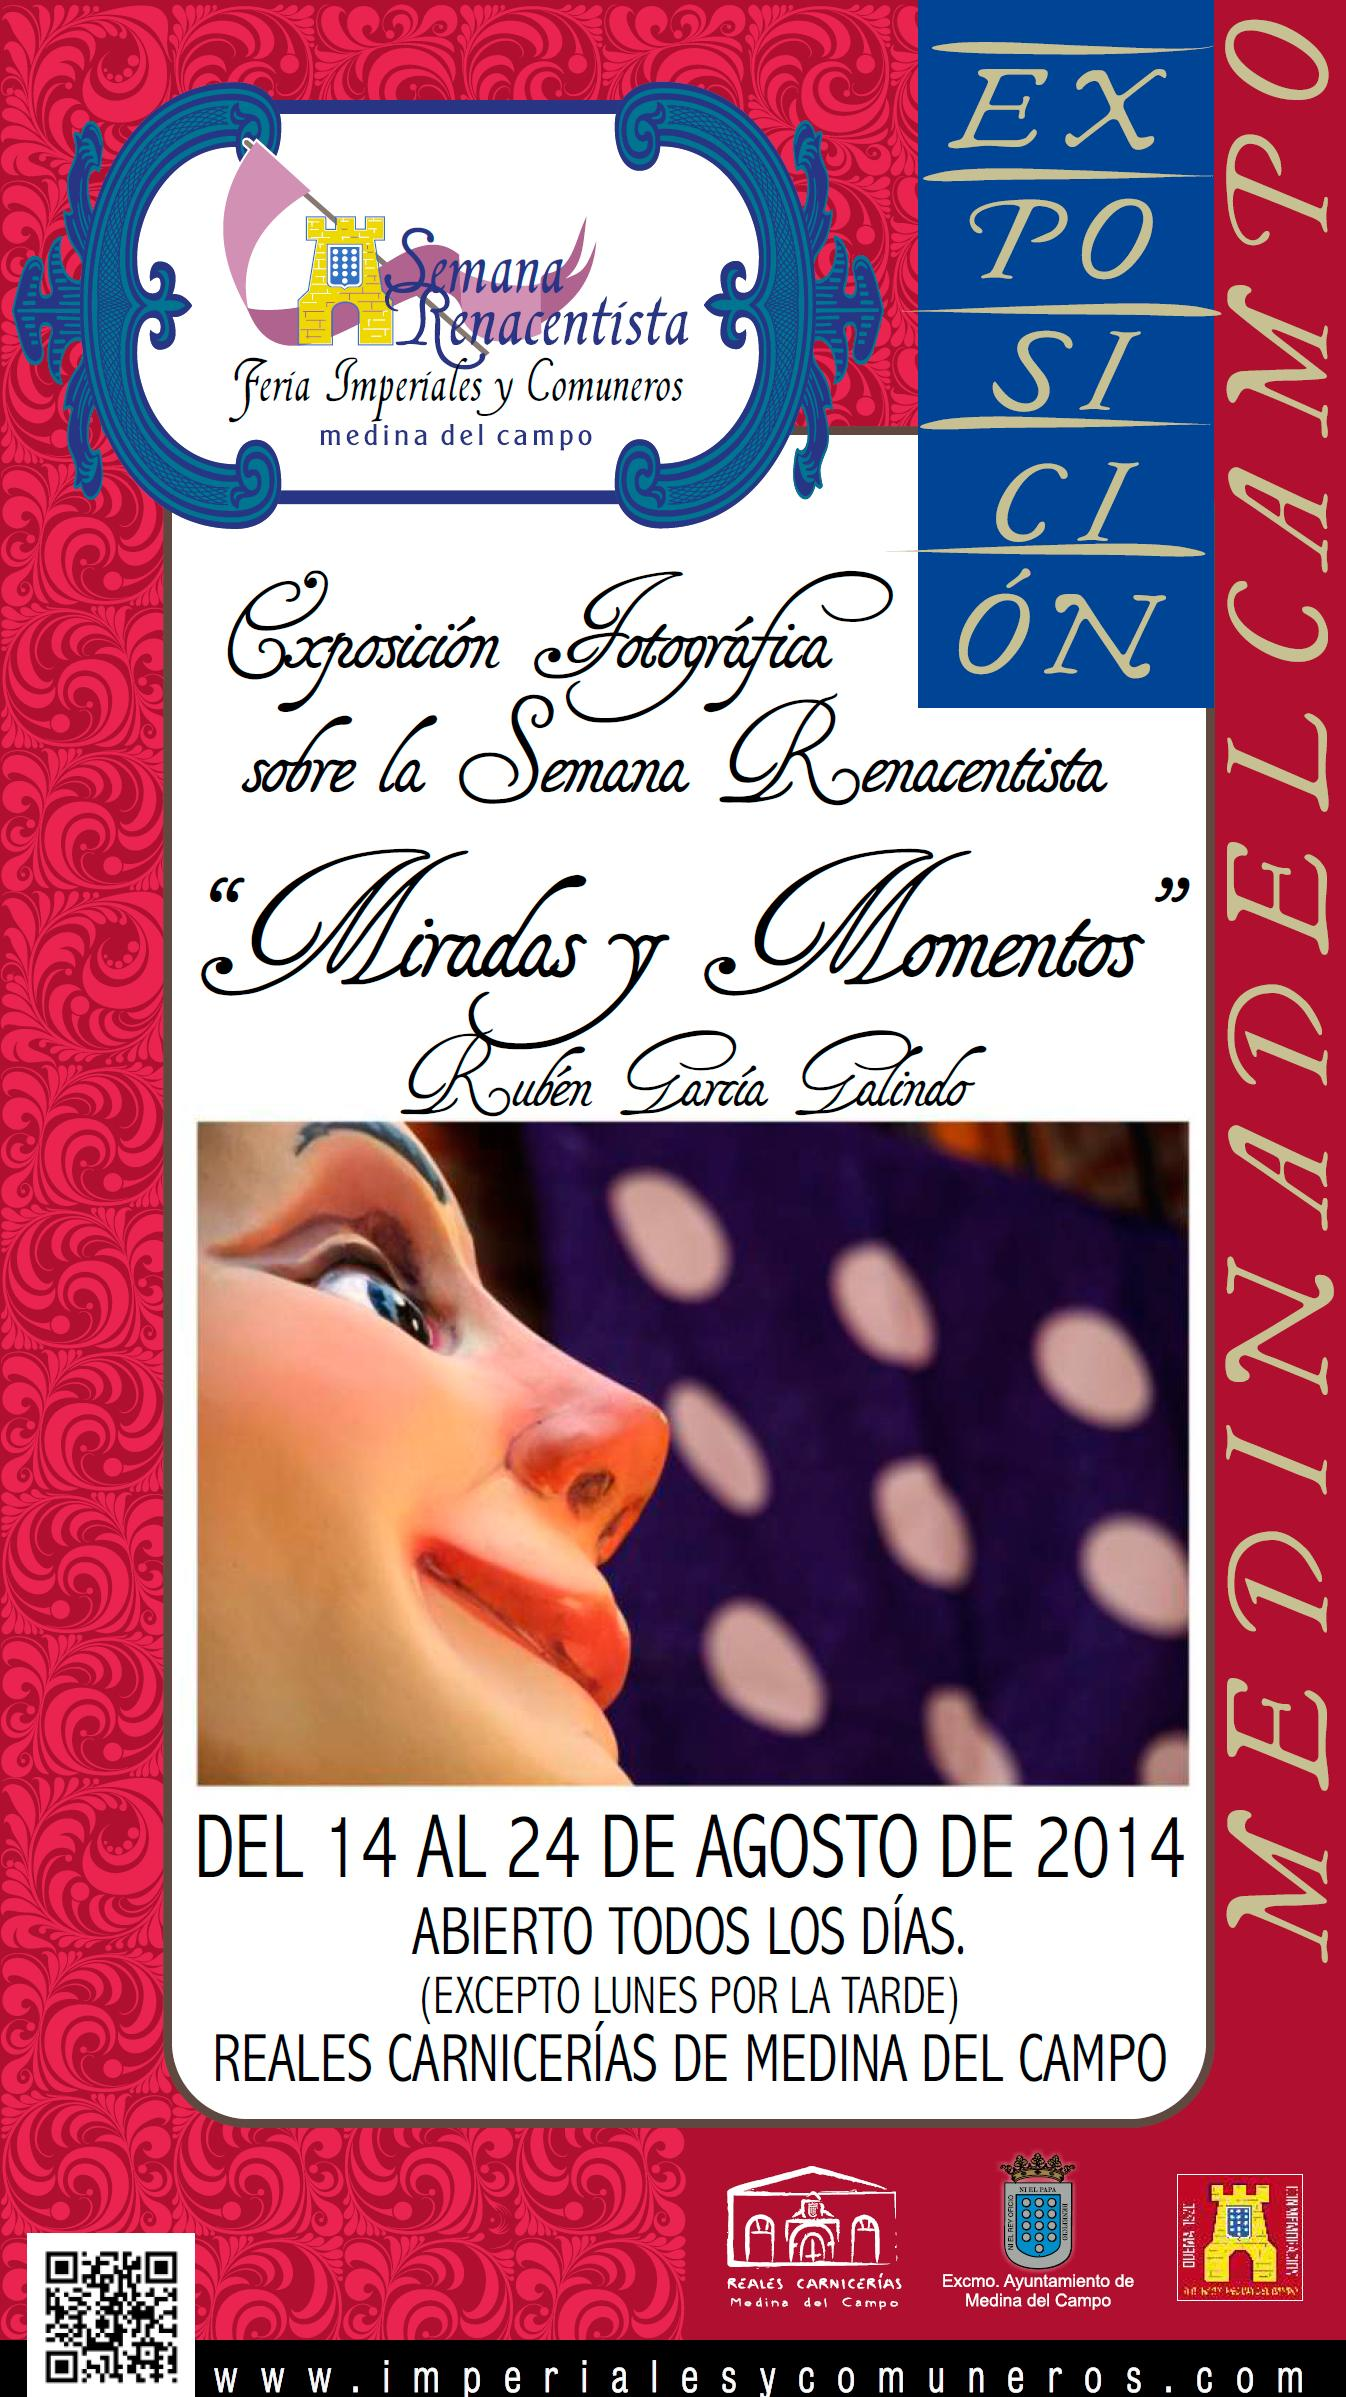 Expo Renacentista Mercado